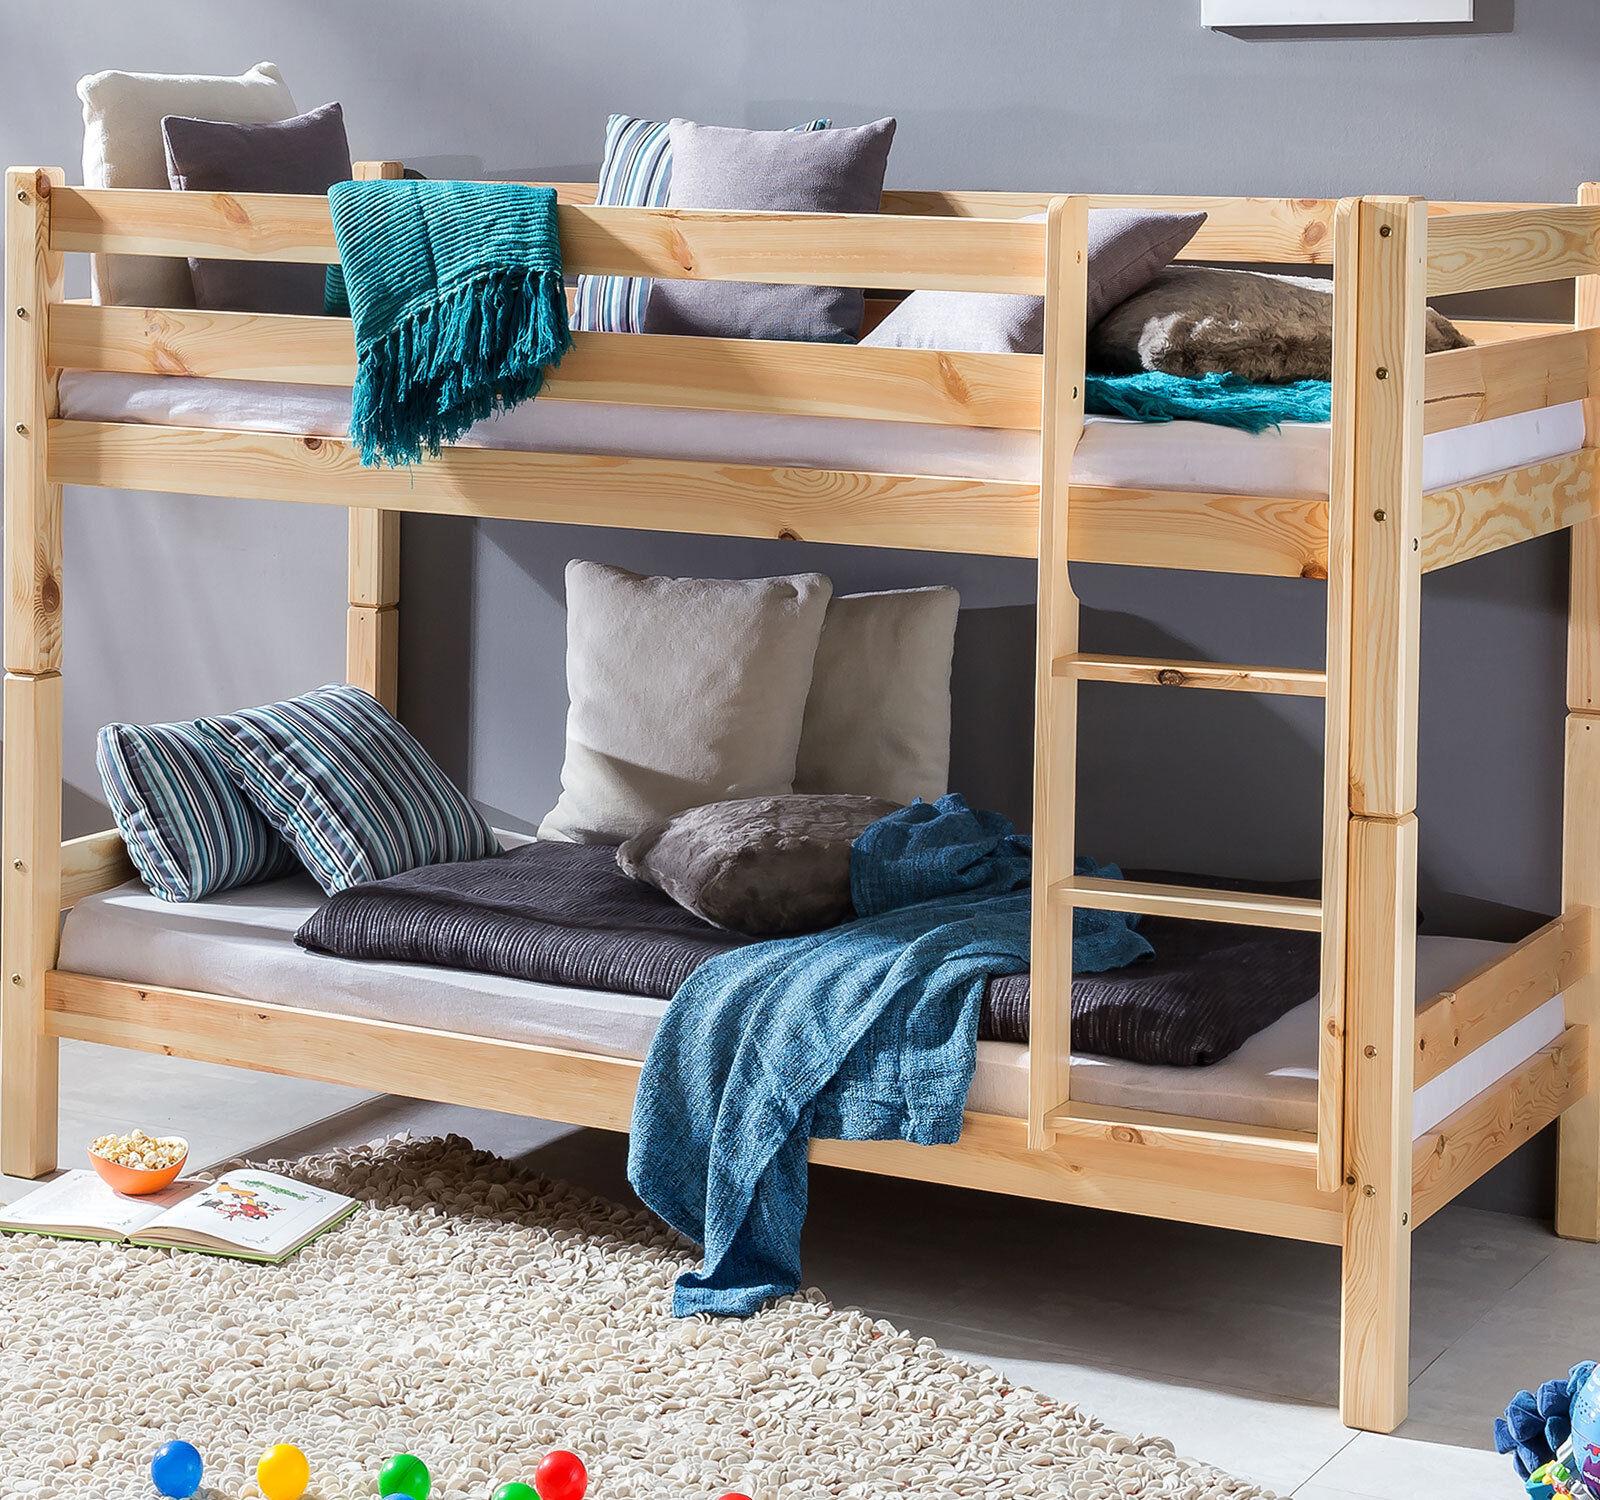 etagenbett kinderbett hochbett spielbett kiefer massiv holz teilbar pfosten 70mm ebay. Black Bedroom Furniture Sets. Home Design Ideas